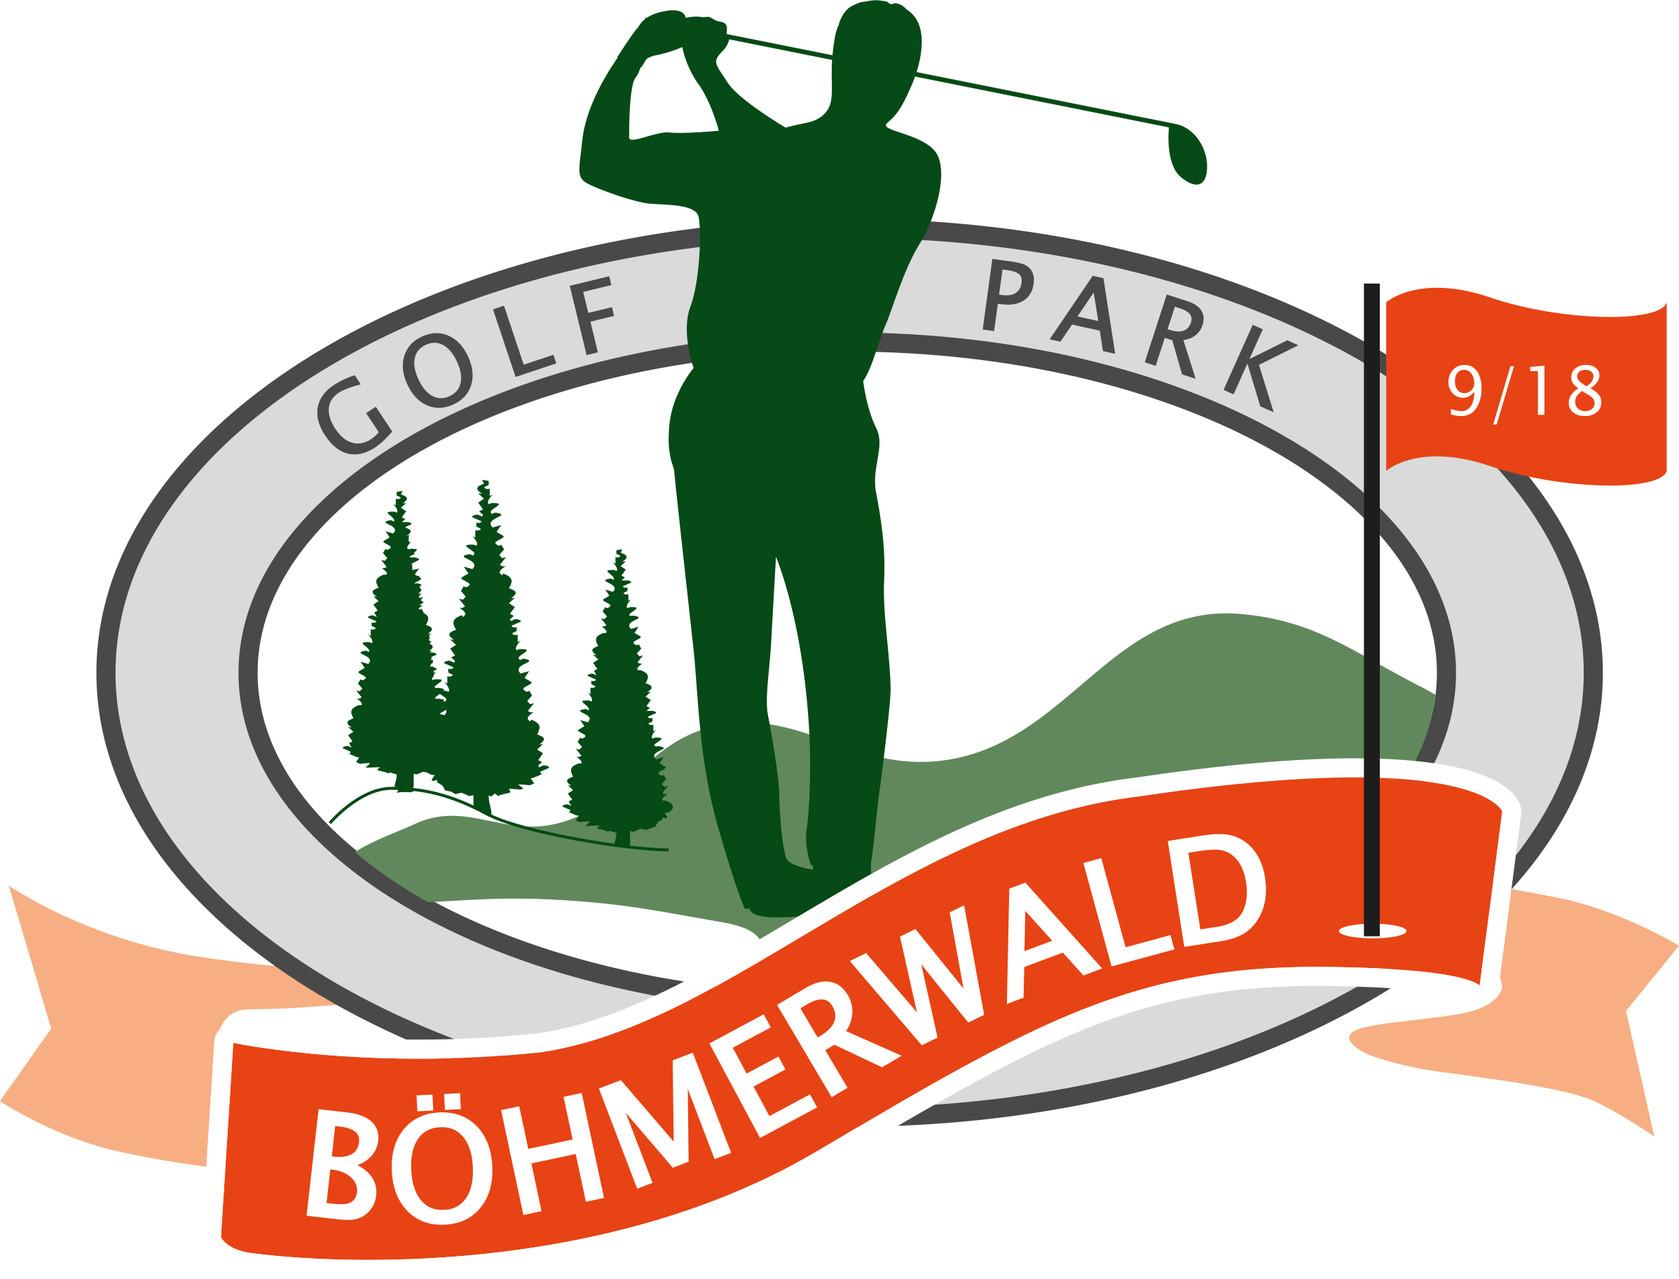 Golfpark Böhmerwald - nur 800 Meter vom Haus entfernt!